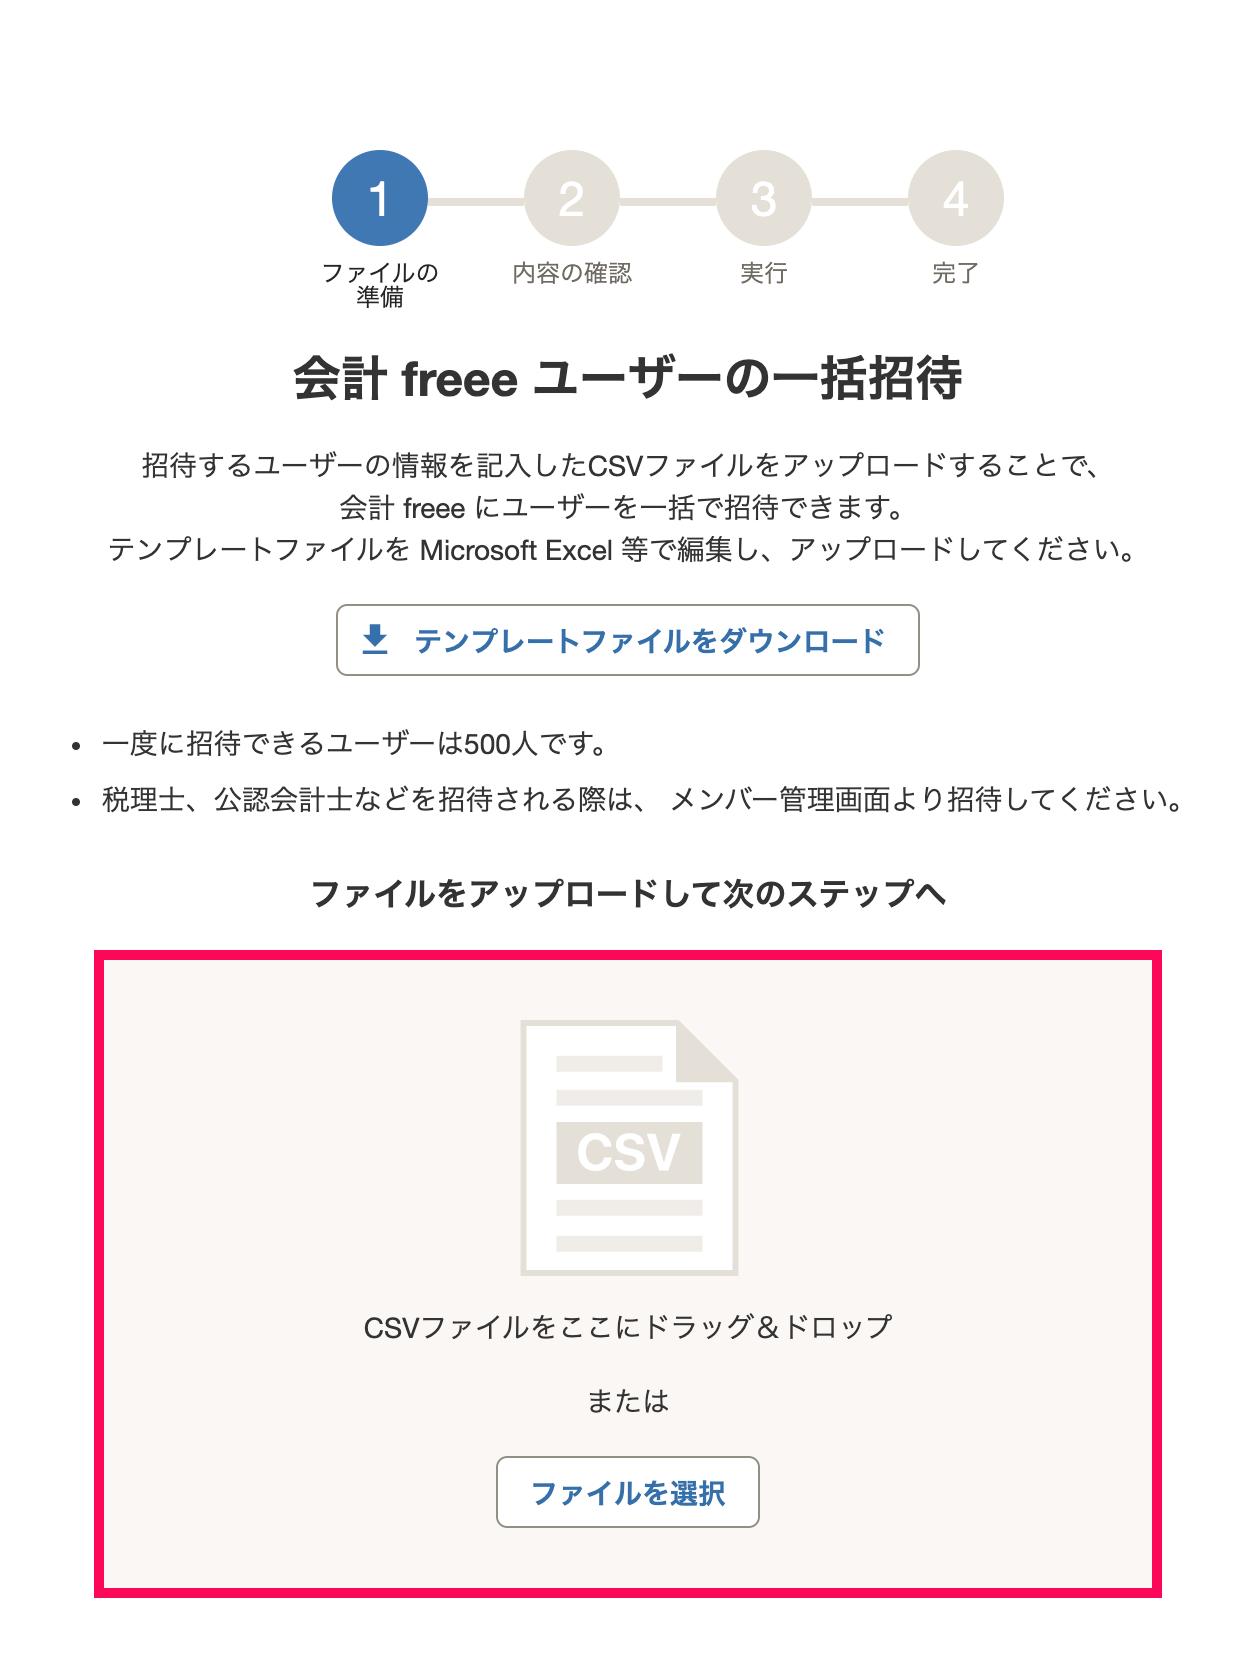 Screen_Shot_2020-07-13_at_12.11.11.png